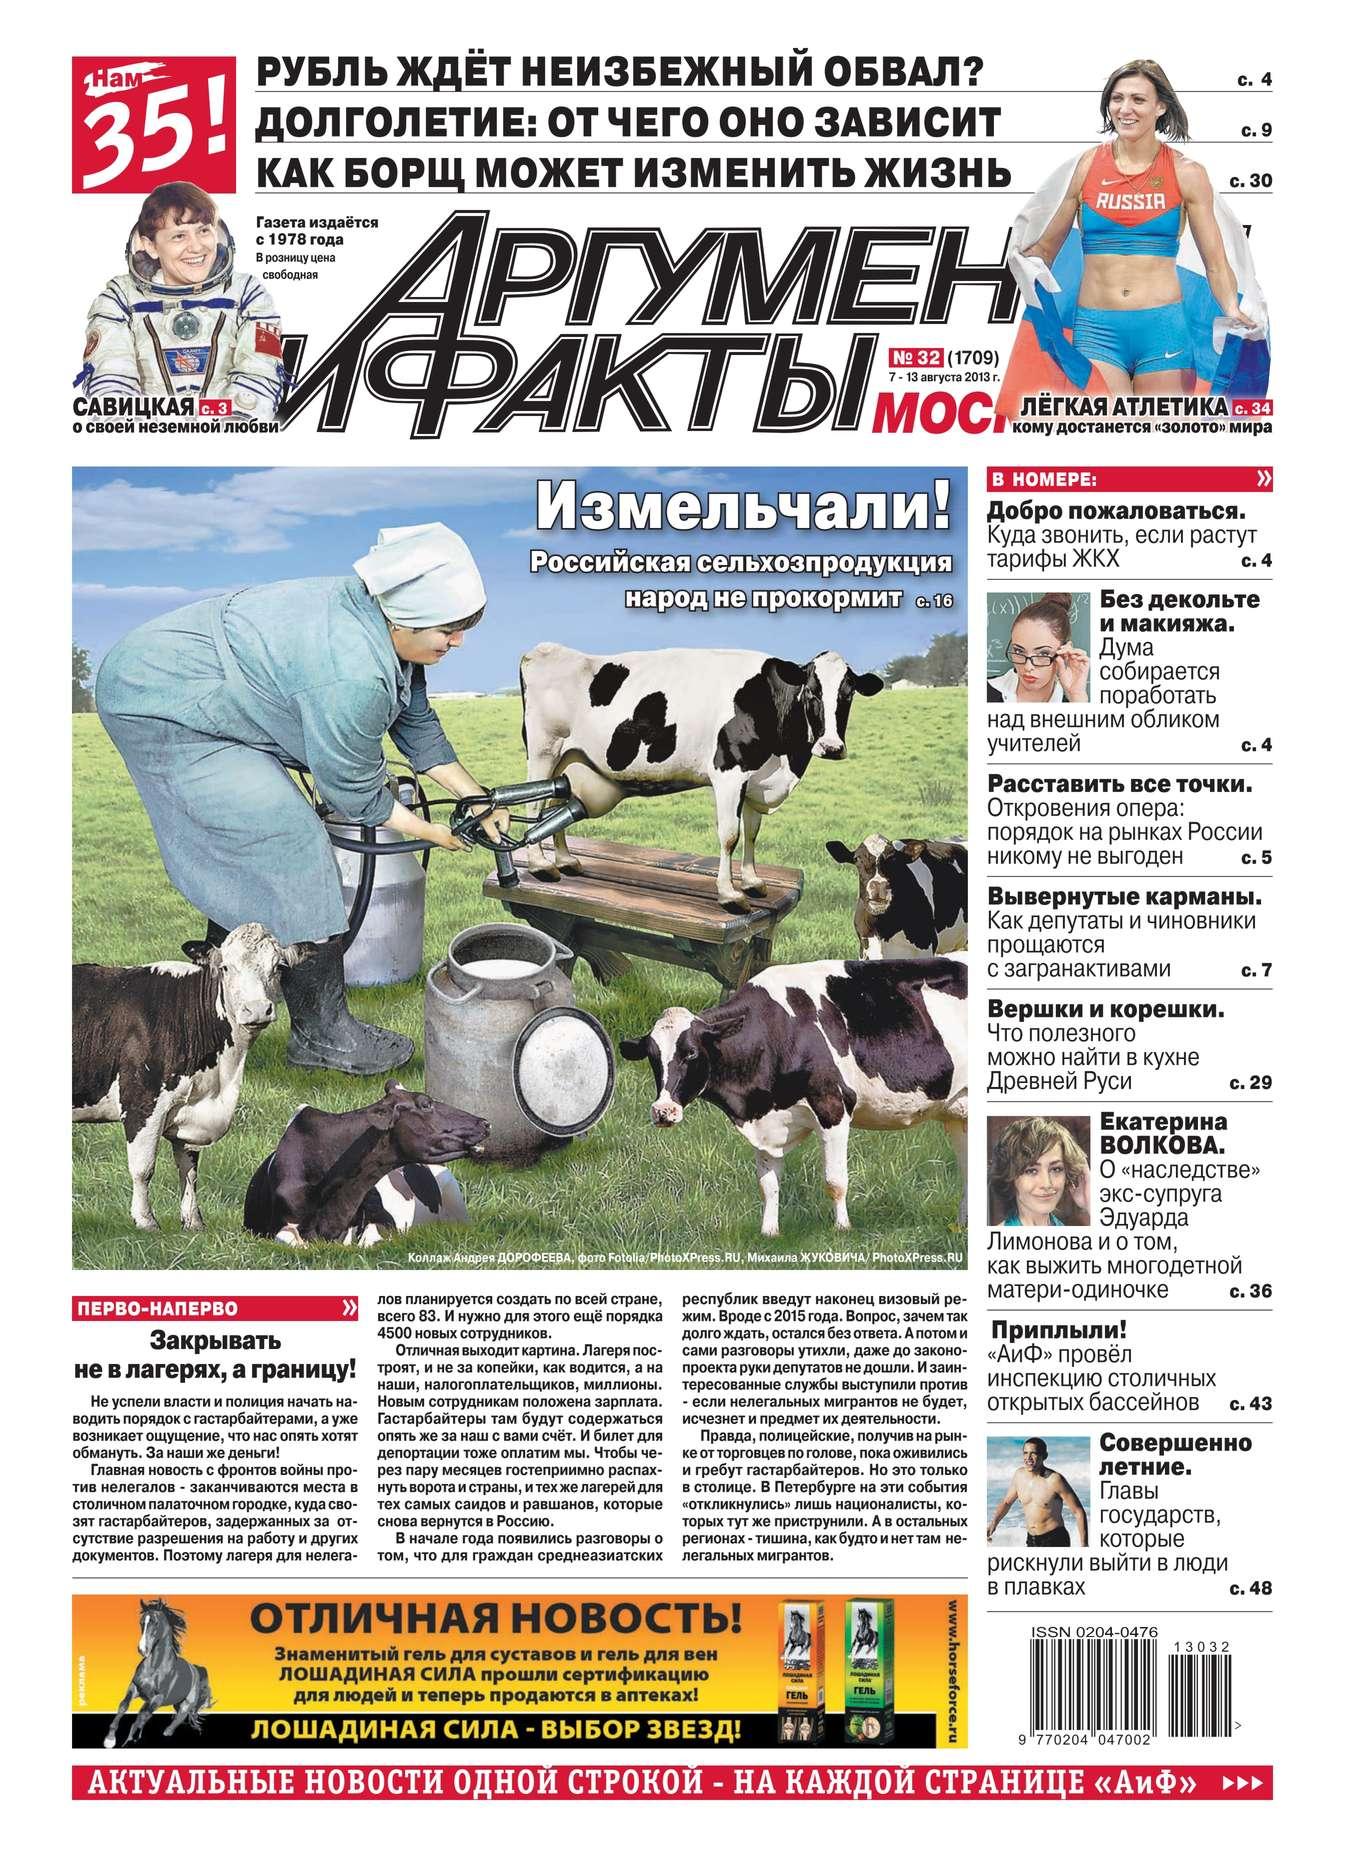 Редакция журнала Аиф. Про Кухню Аргументы и факты 32-2013